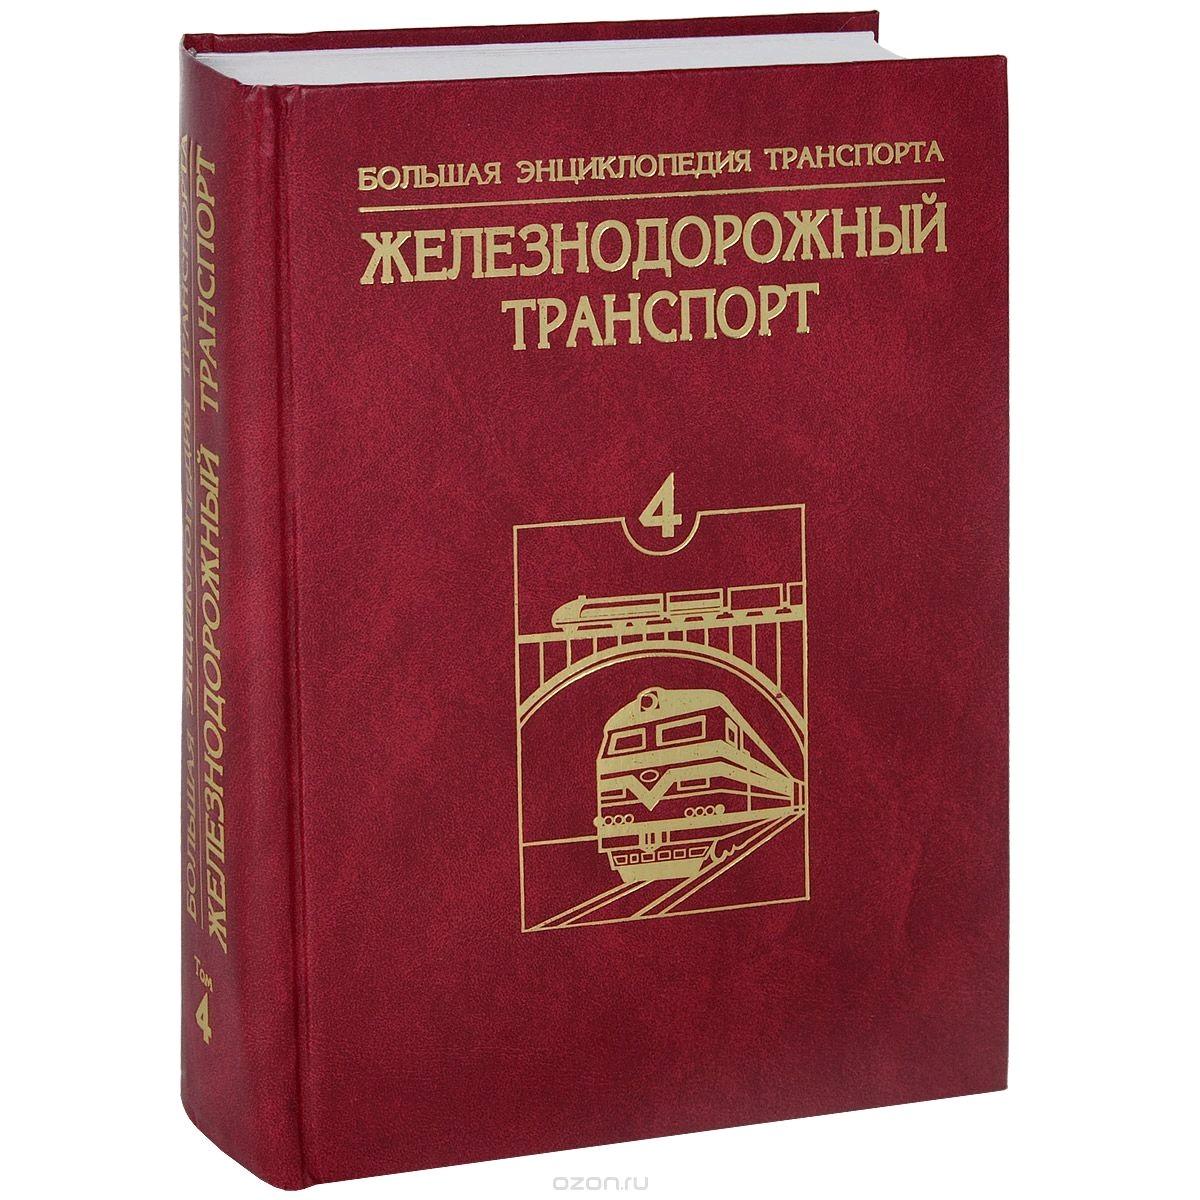 Большая энциклопедия транспорта. Т.4: Железнодорожный транспорт